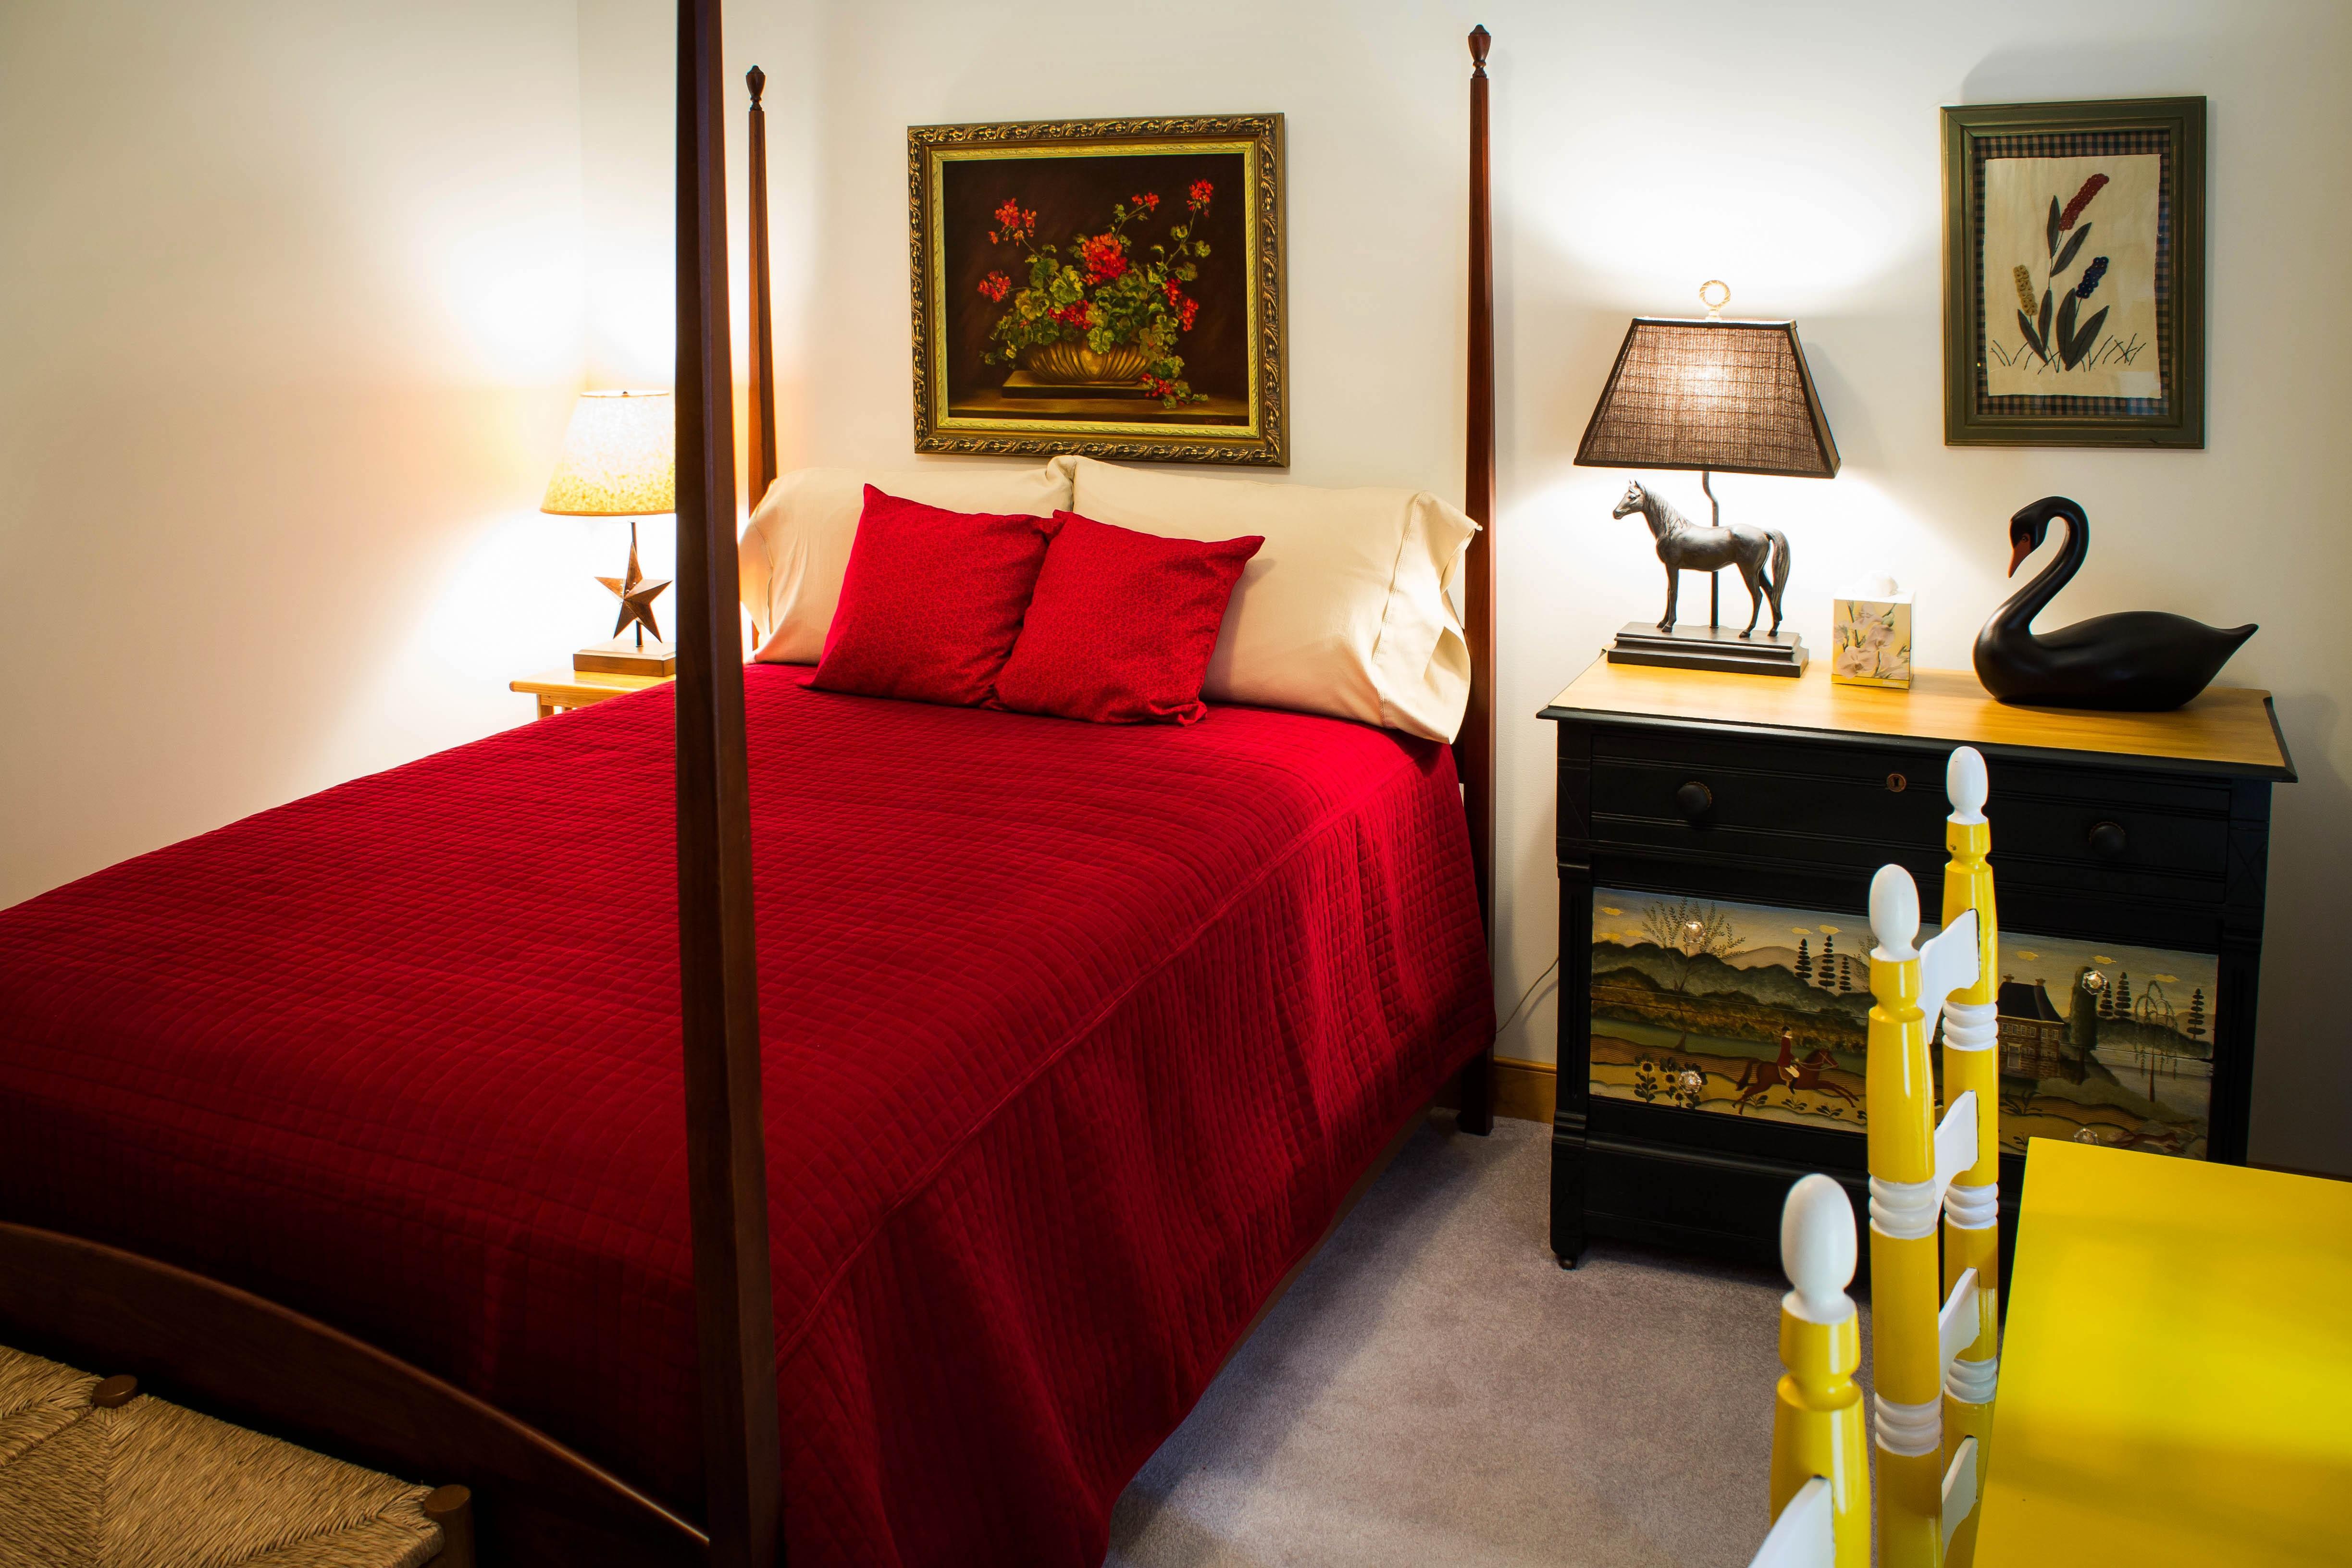 บ้าน เฟอร์นิเจอร์ ห้องพัก ห้องนอน การออกแบบตกแต่งภายใน นอน เตียง สวีท  ตึกระฟ้า เตียง